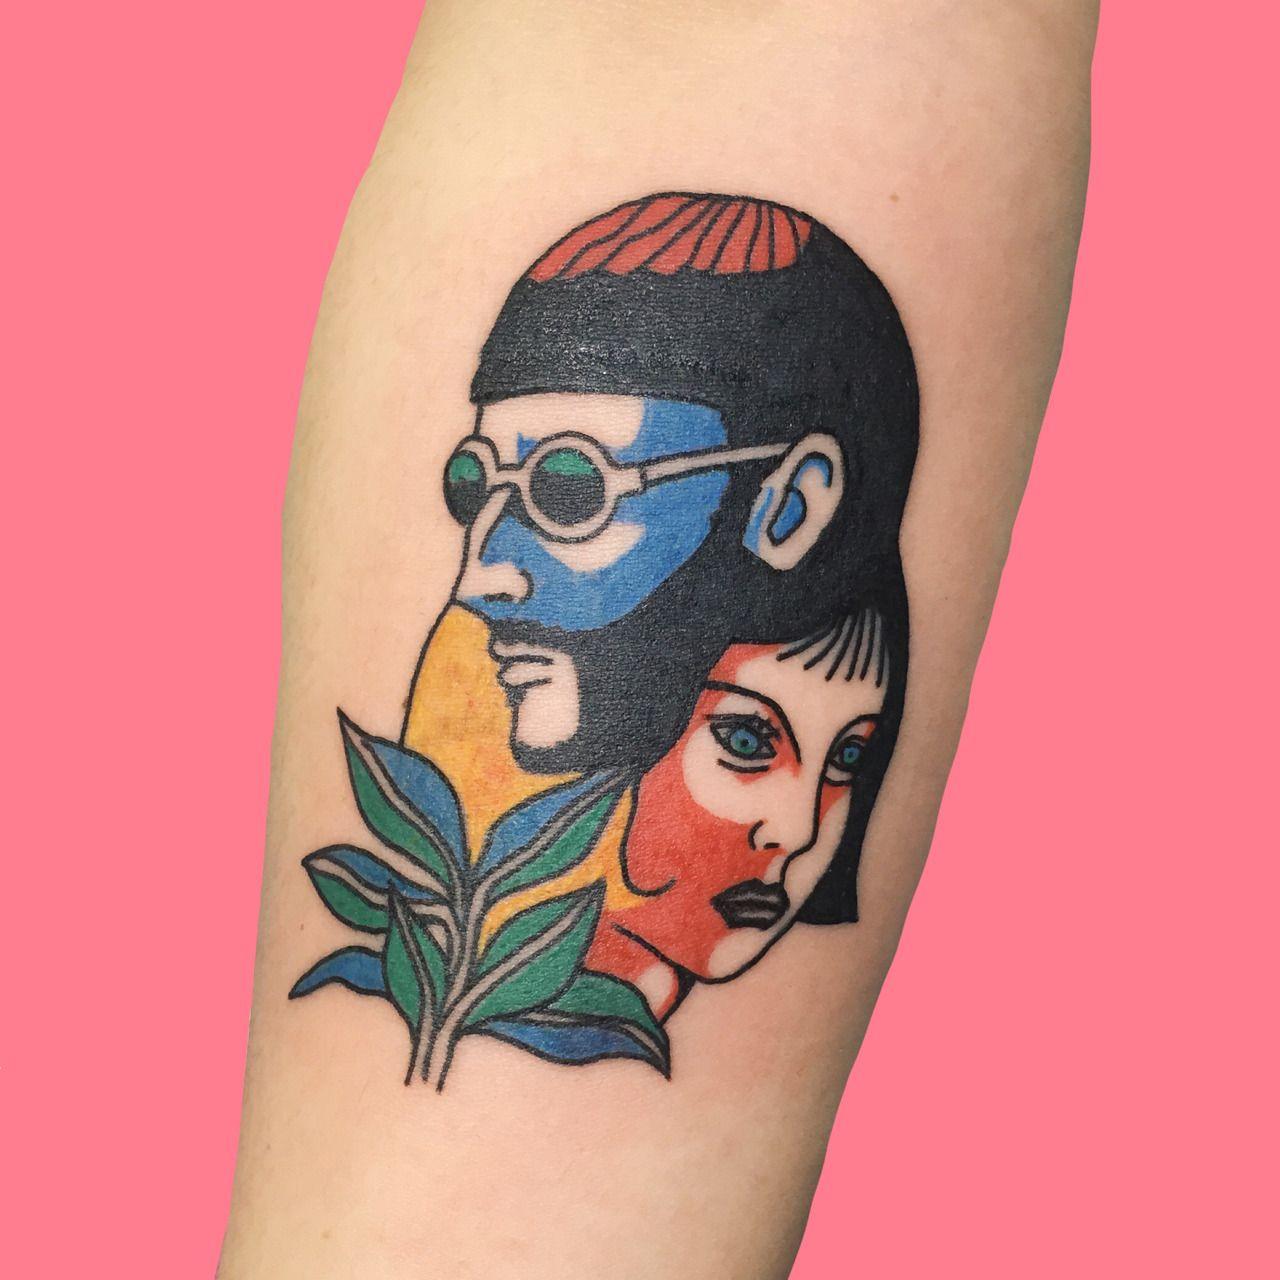 Tattoos Tattoo Designs Piercings: Tattoos, Professional Tattoo, Tattoo